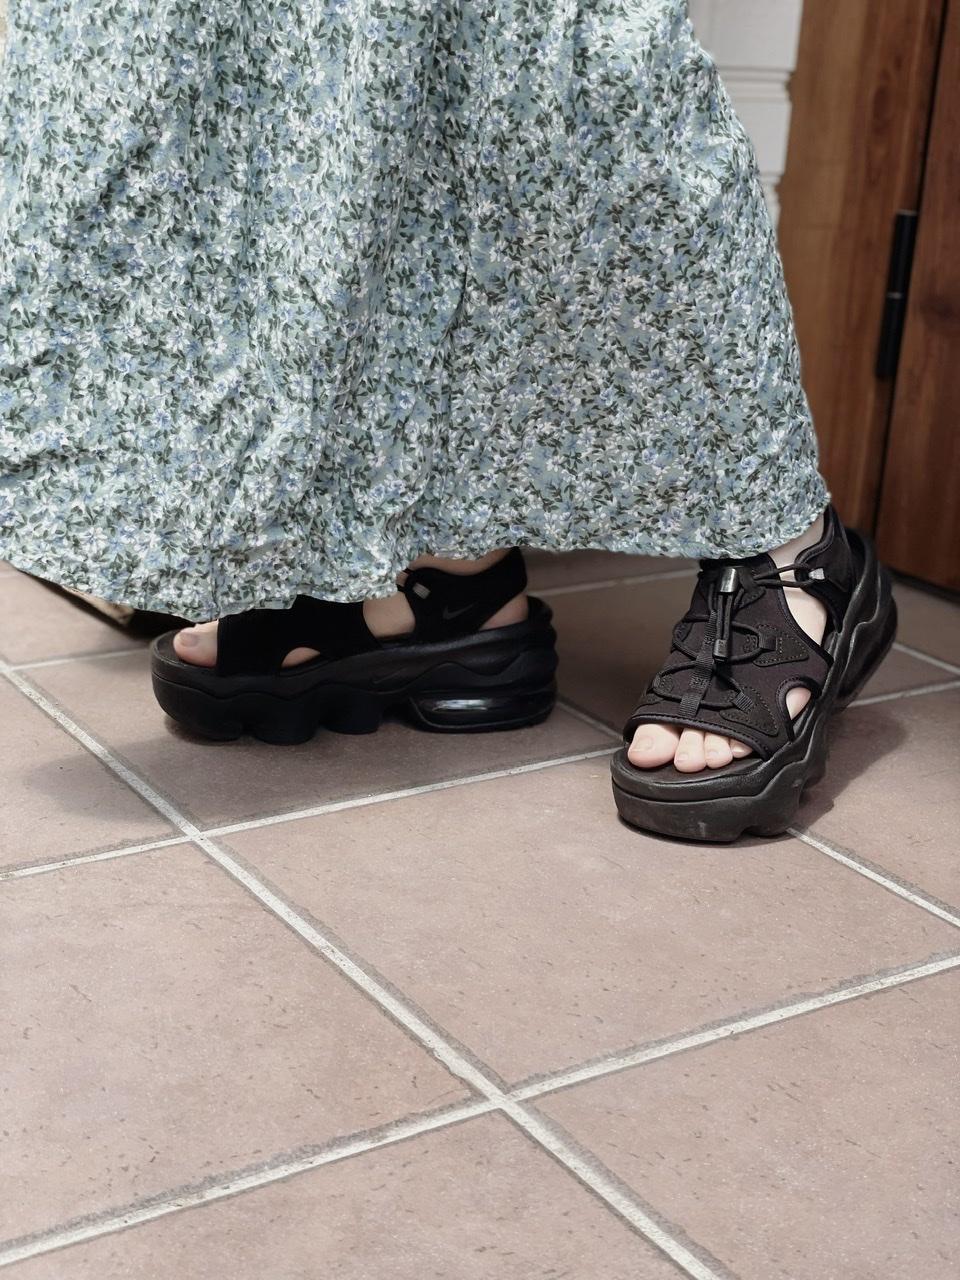 【おすすめ夏サンダル】ついにゲット♡話題のNIKE エア マックス ココを履いてみました_4